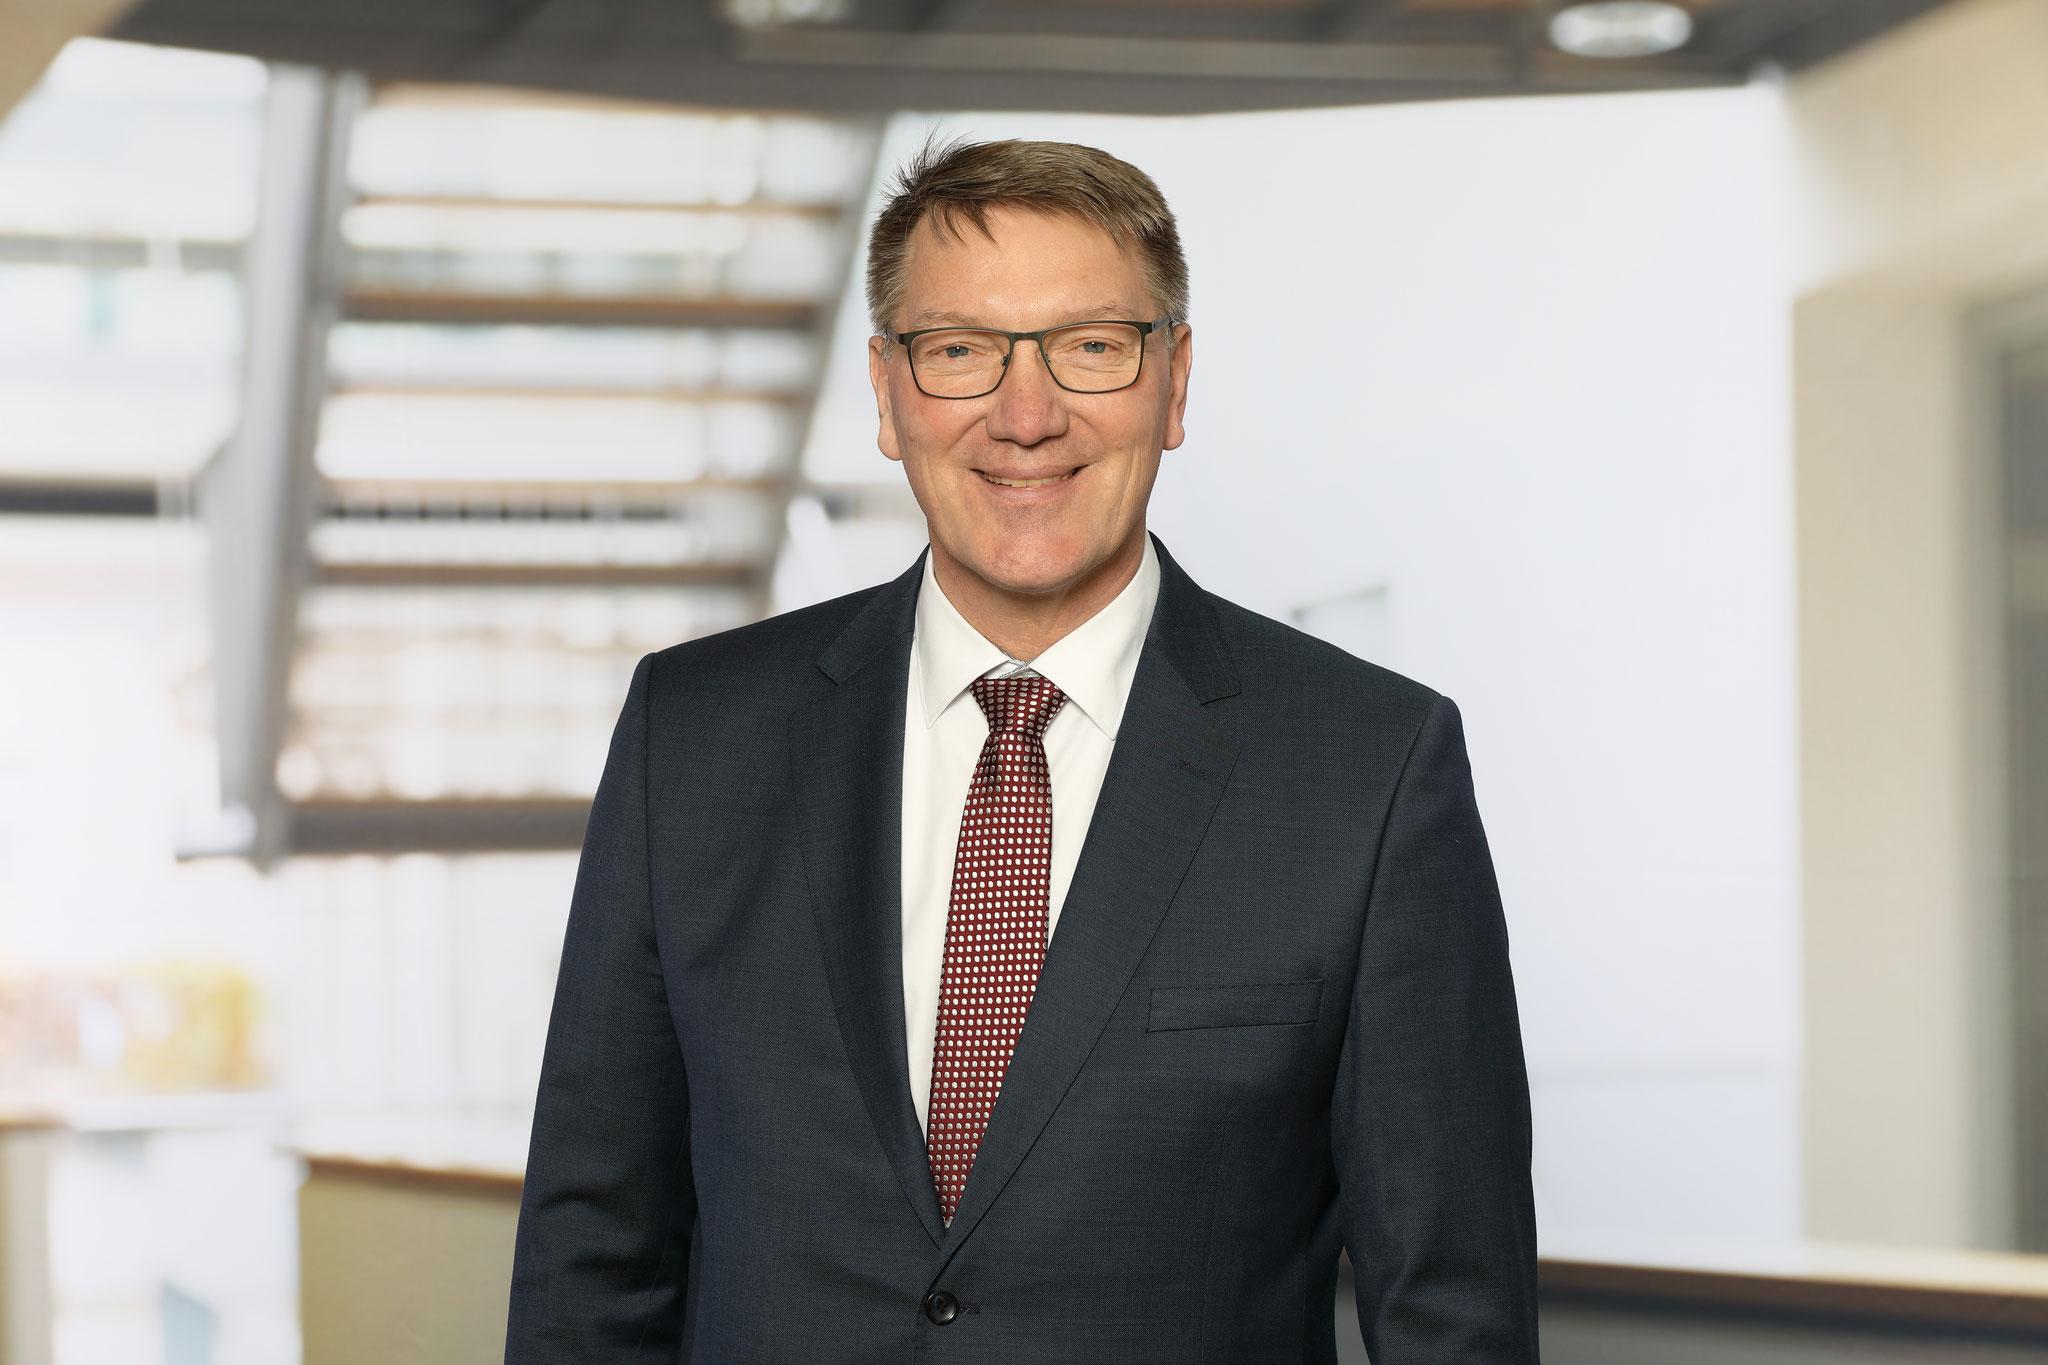 Peter Krank, Erster Stadtrat und Kulturdezernent der Stadt Bad Nauheim